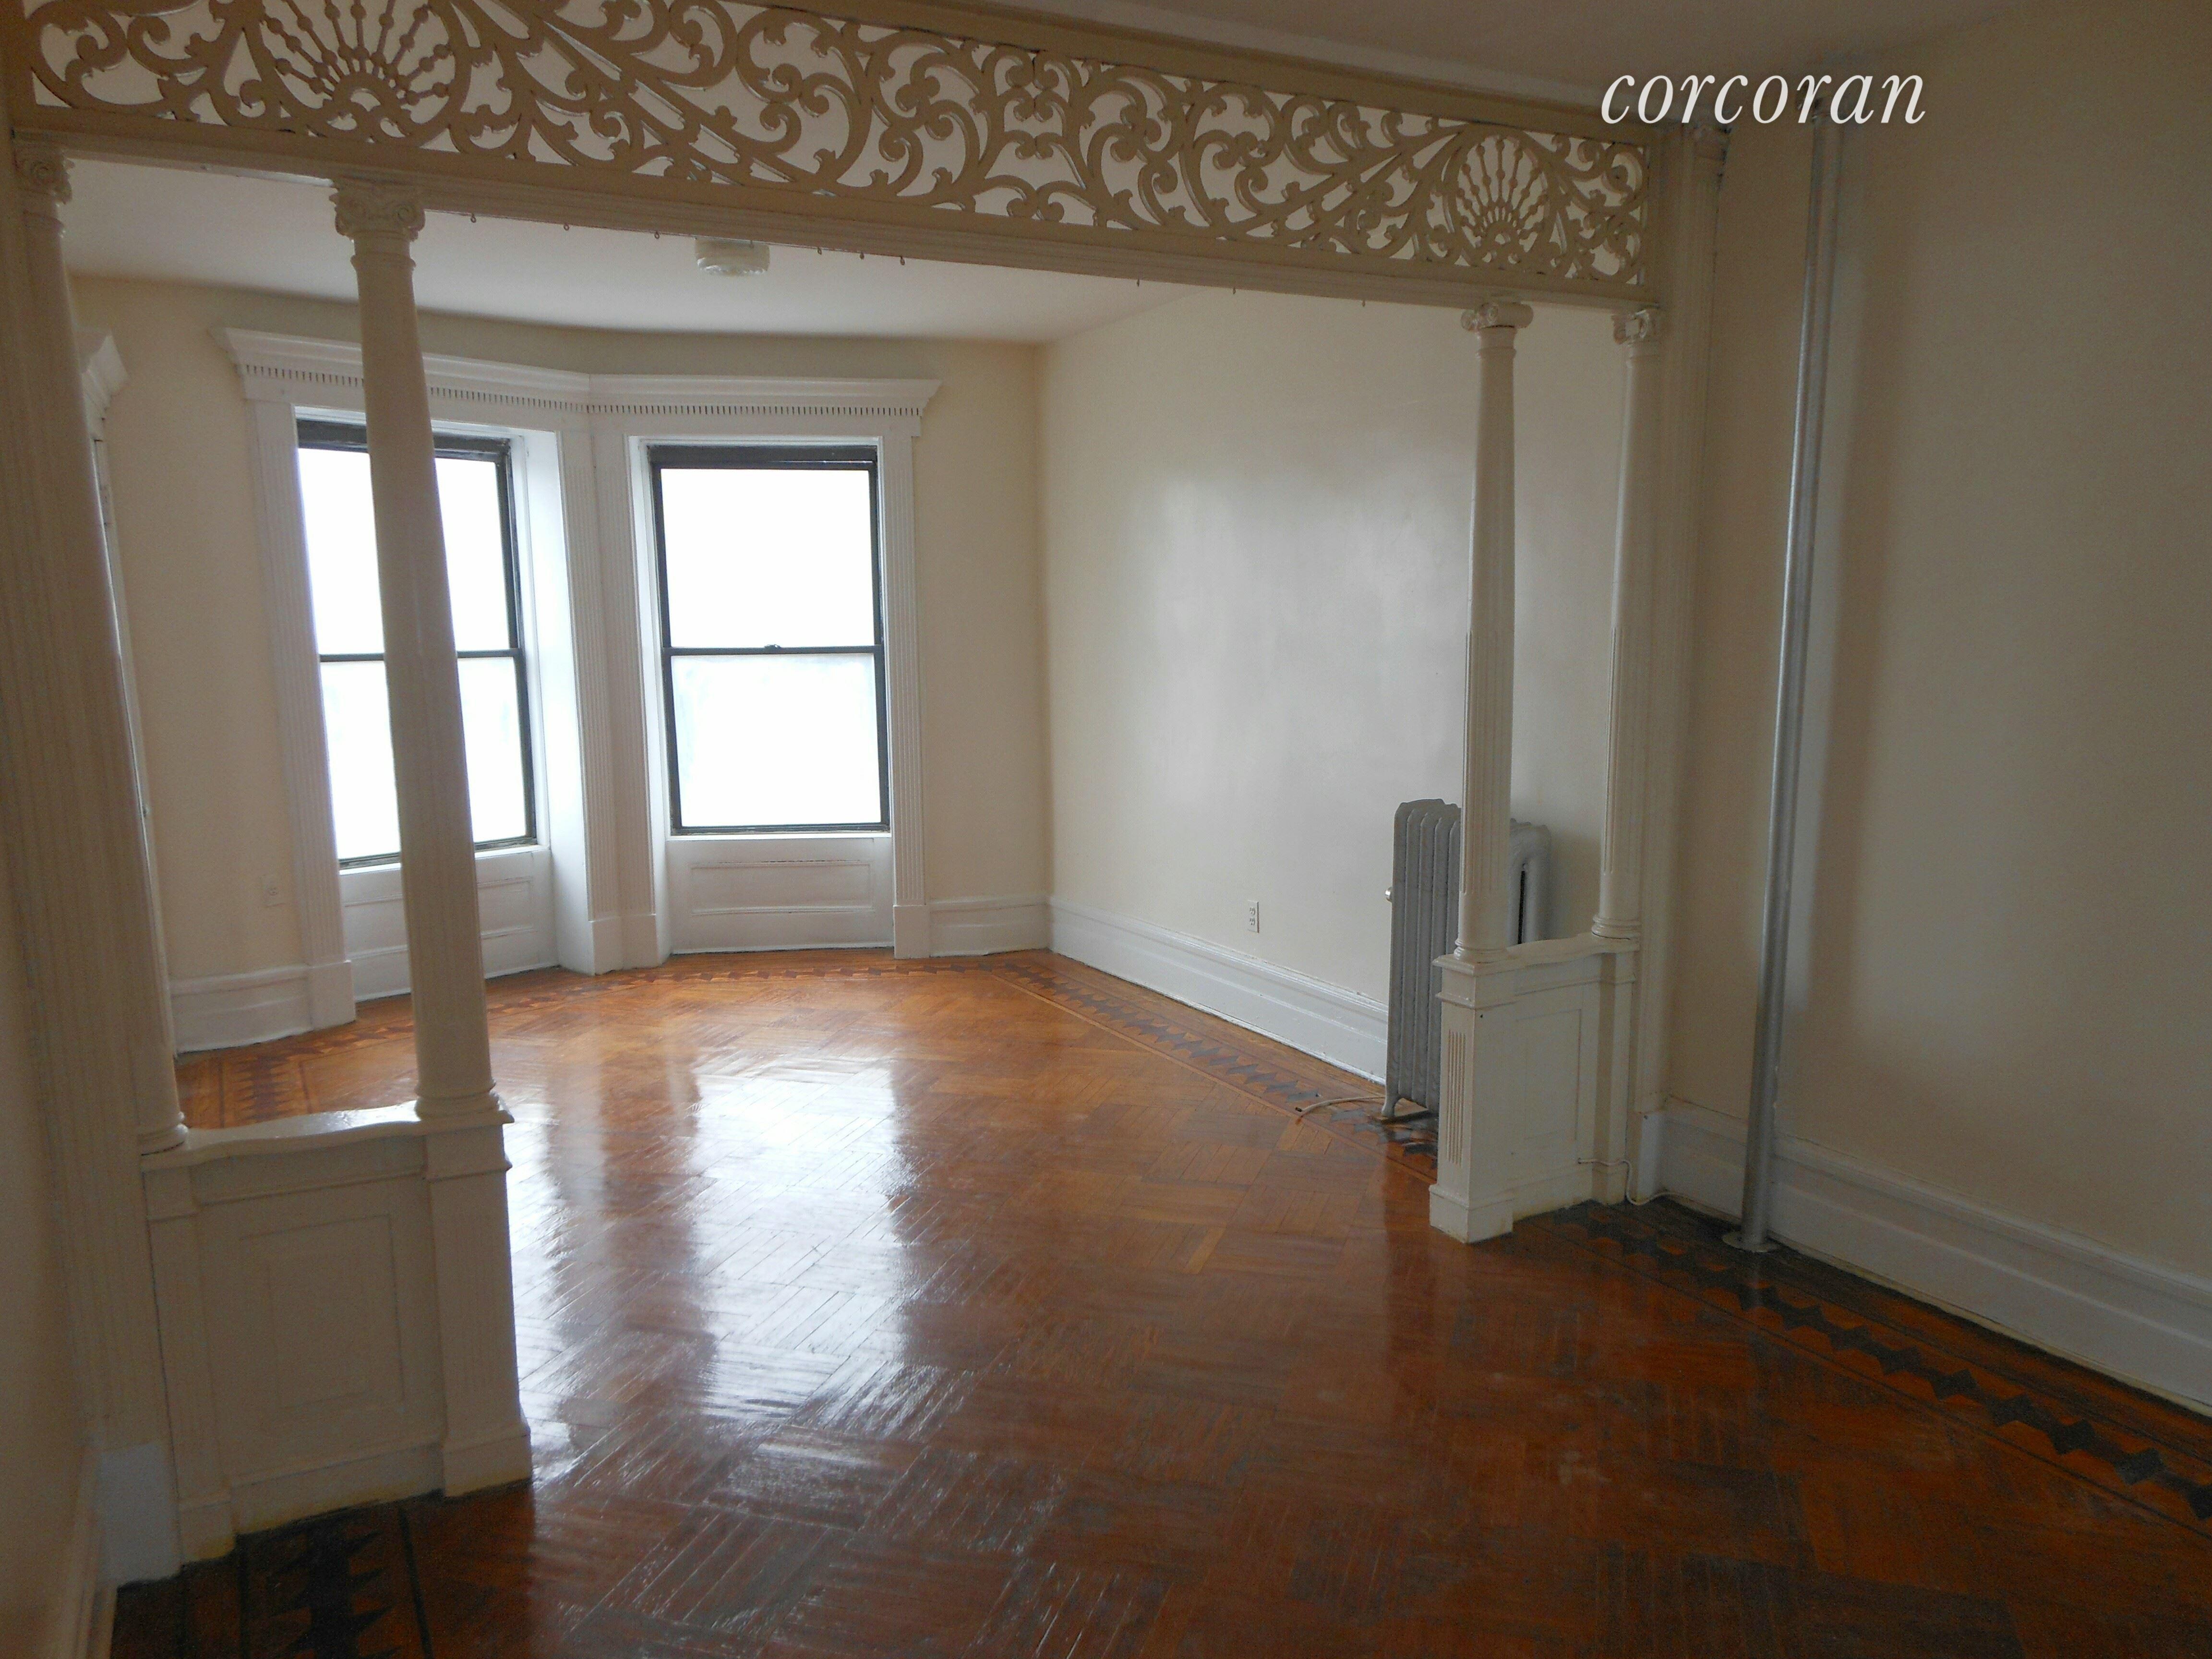 1512 Bedford Avenue, Apt 4-L, Brooklyn, New York 11216